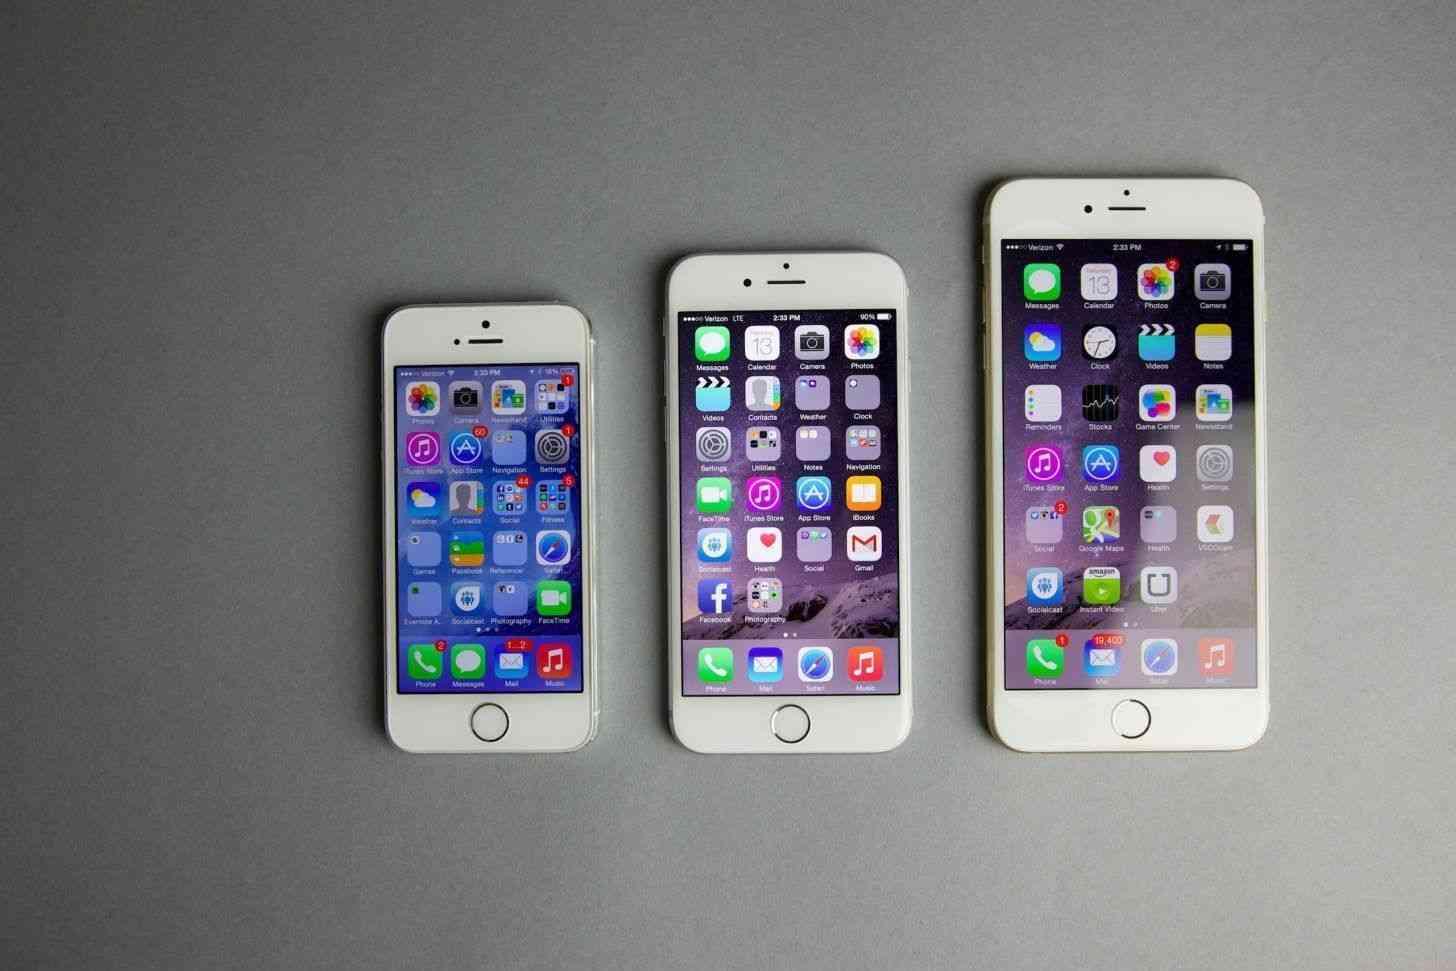 iPhone 5s, iPhone 6, iPhone 6 Plus